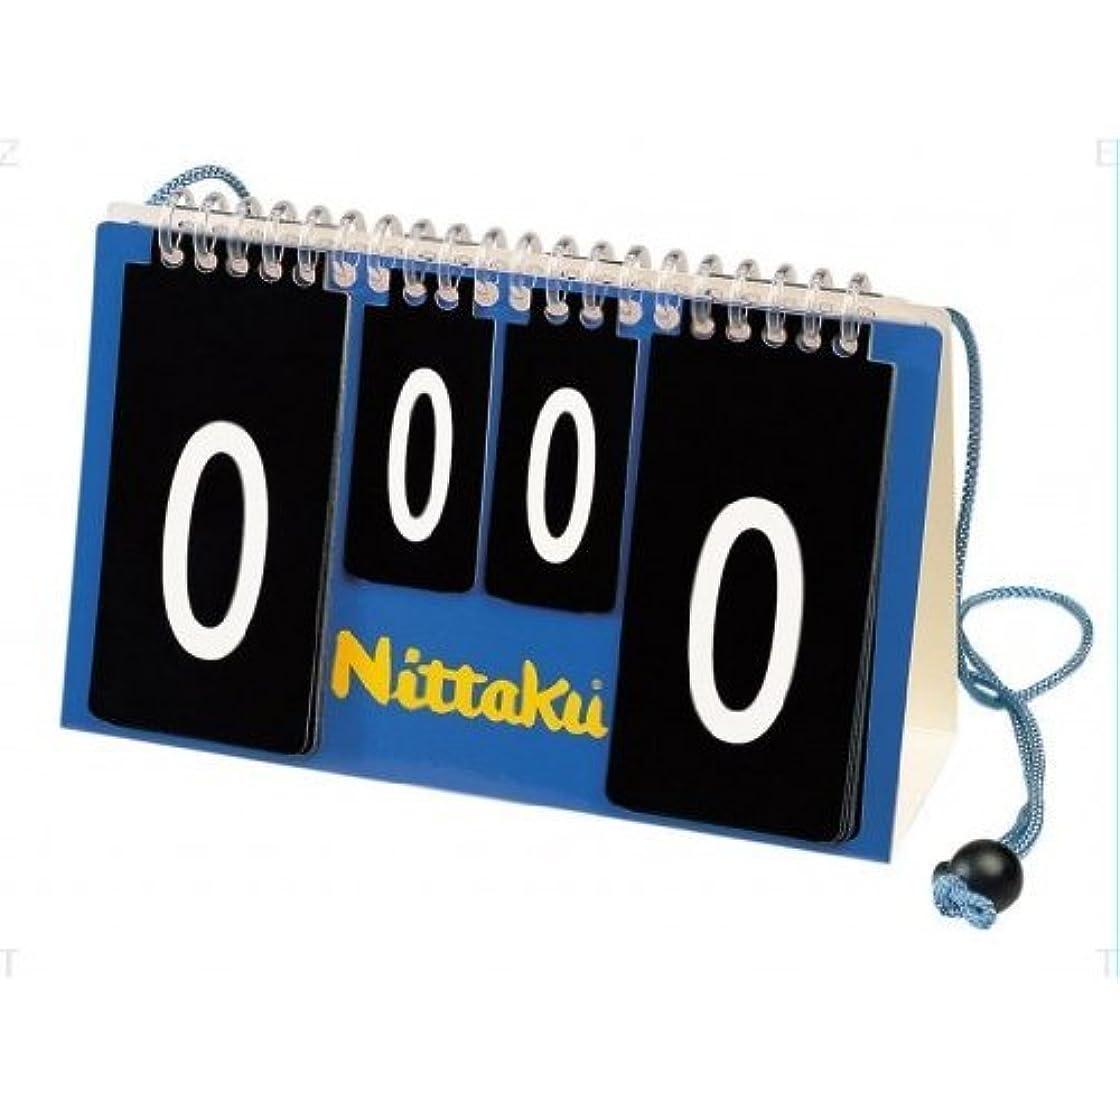 災害ピケ慢ニッタク(Nittaku) 卓球 得点板 プチカウンター NT-3721